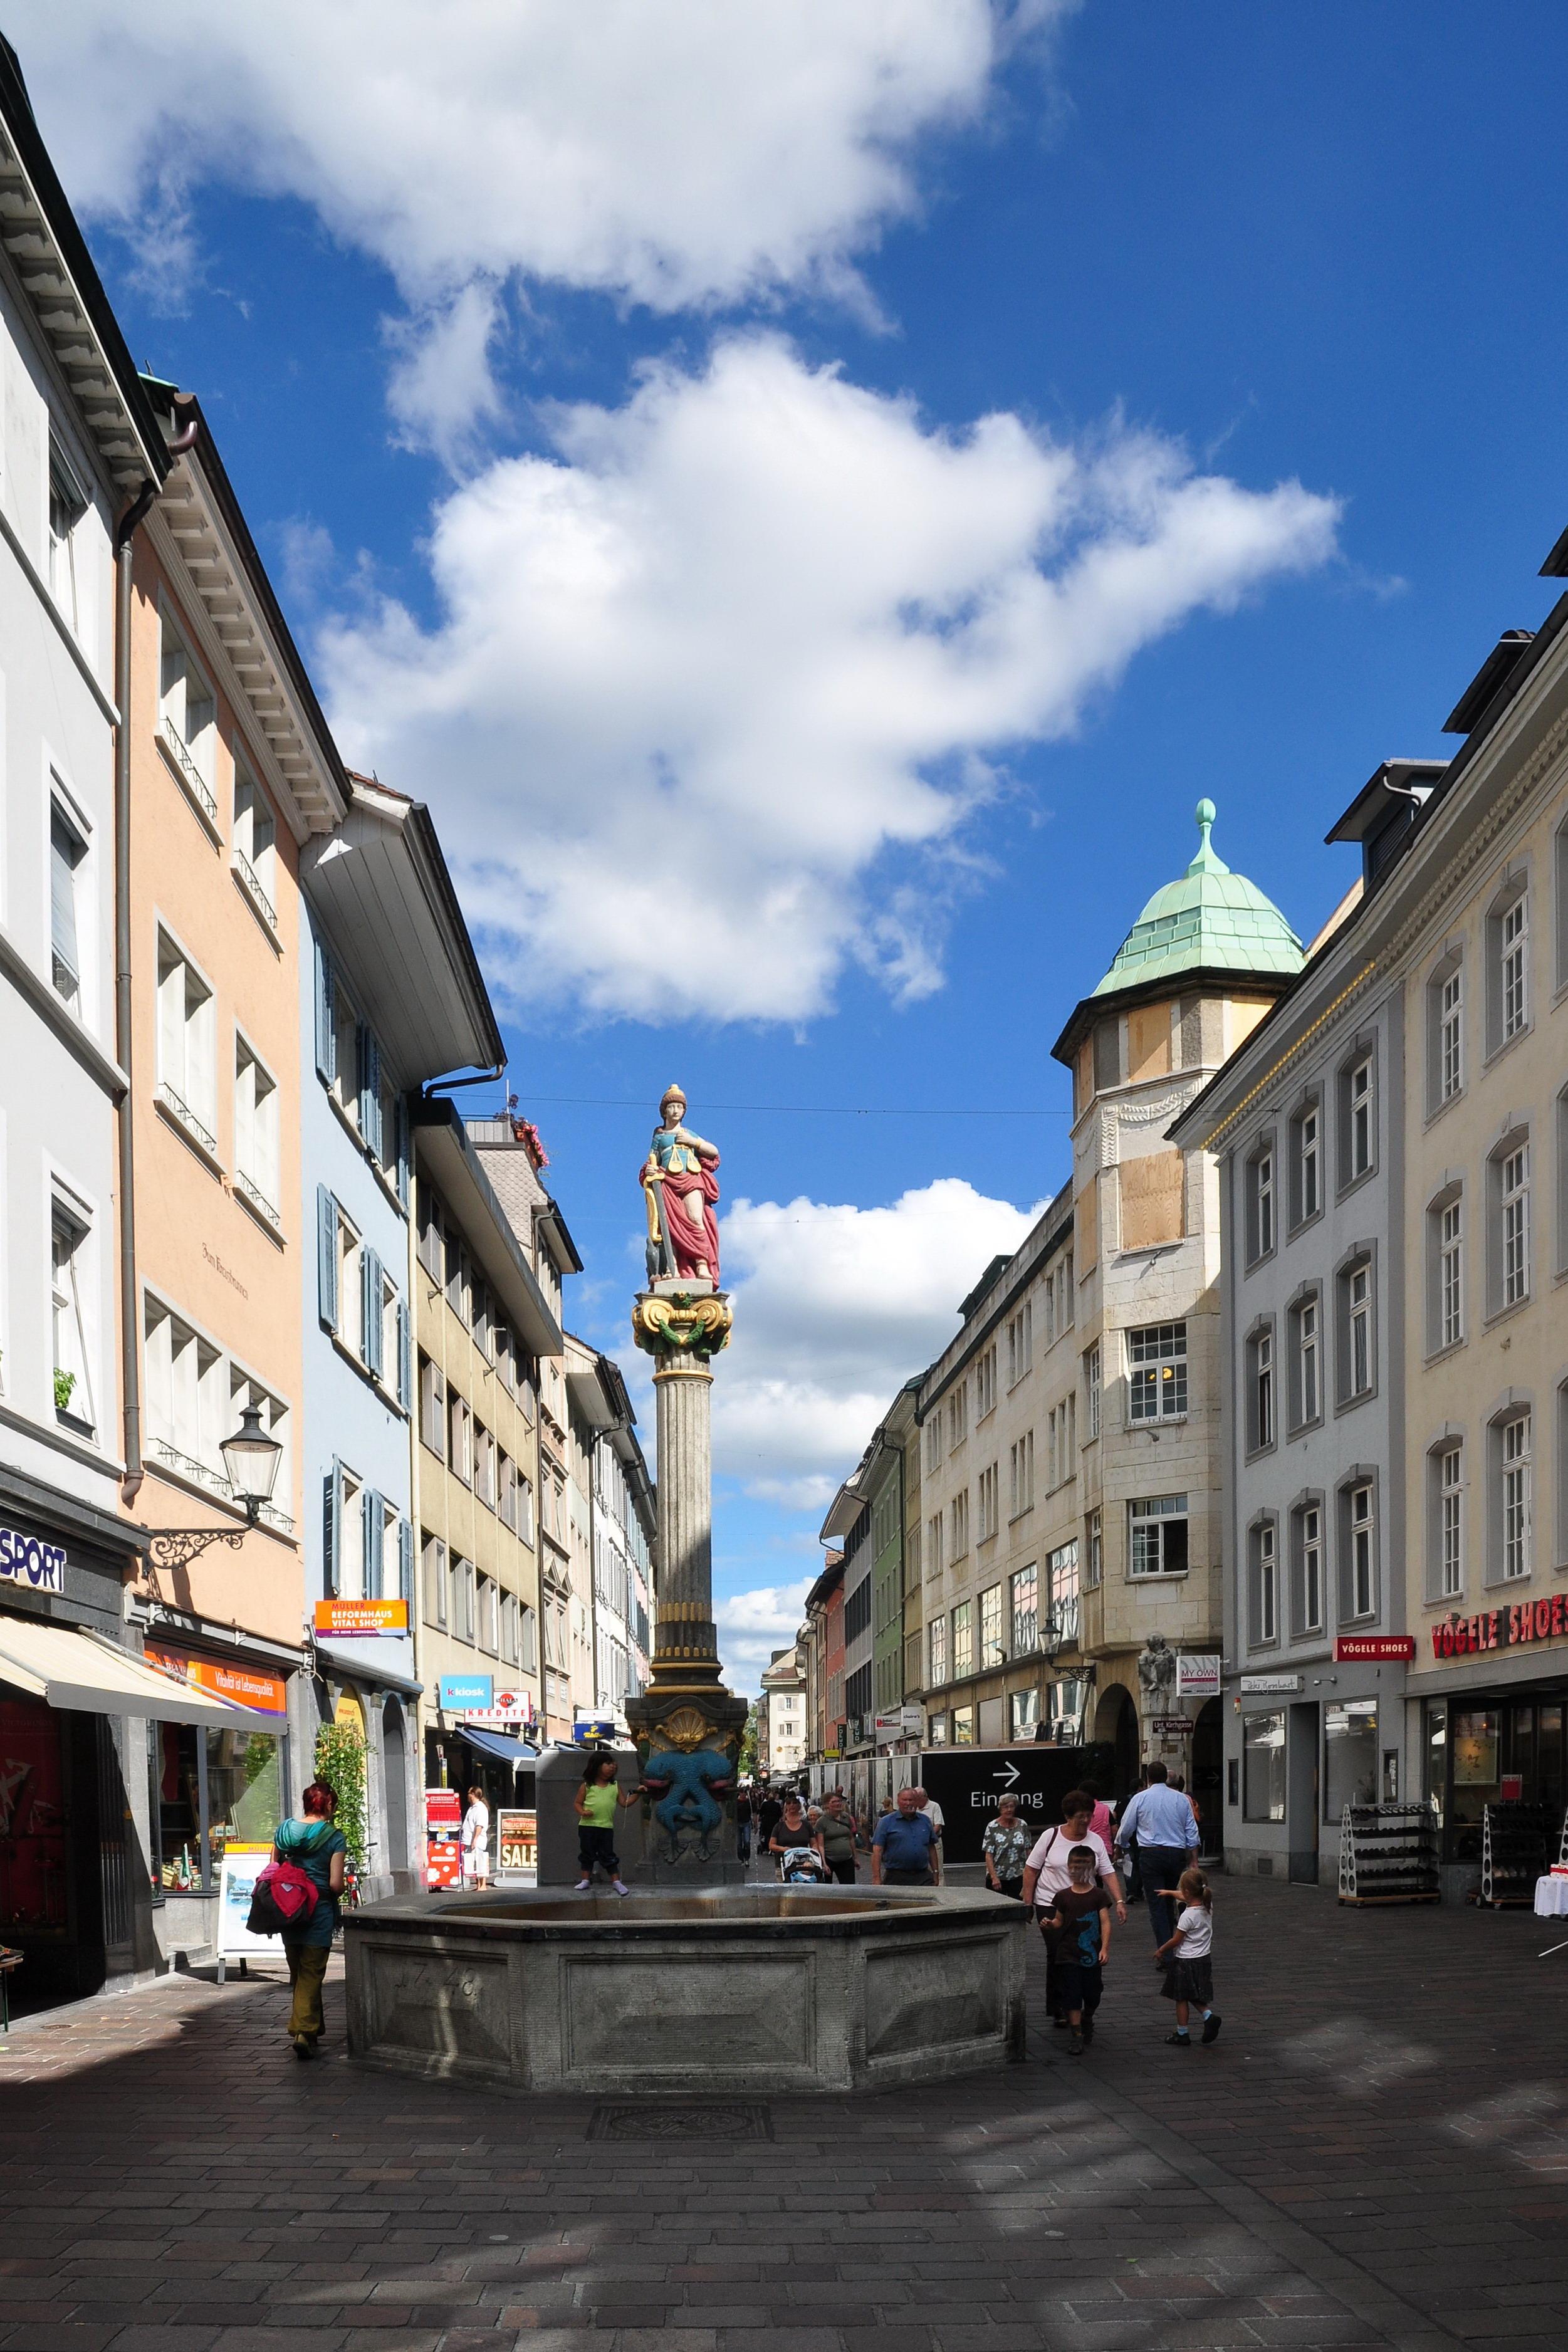 File:Winterthur - Altstadt, mittelalterliche-neuzeitliche ...